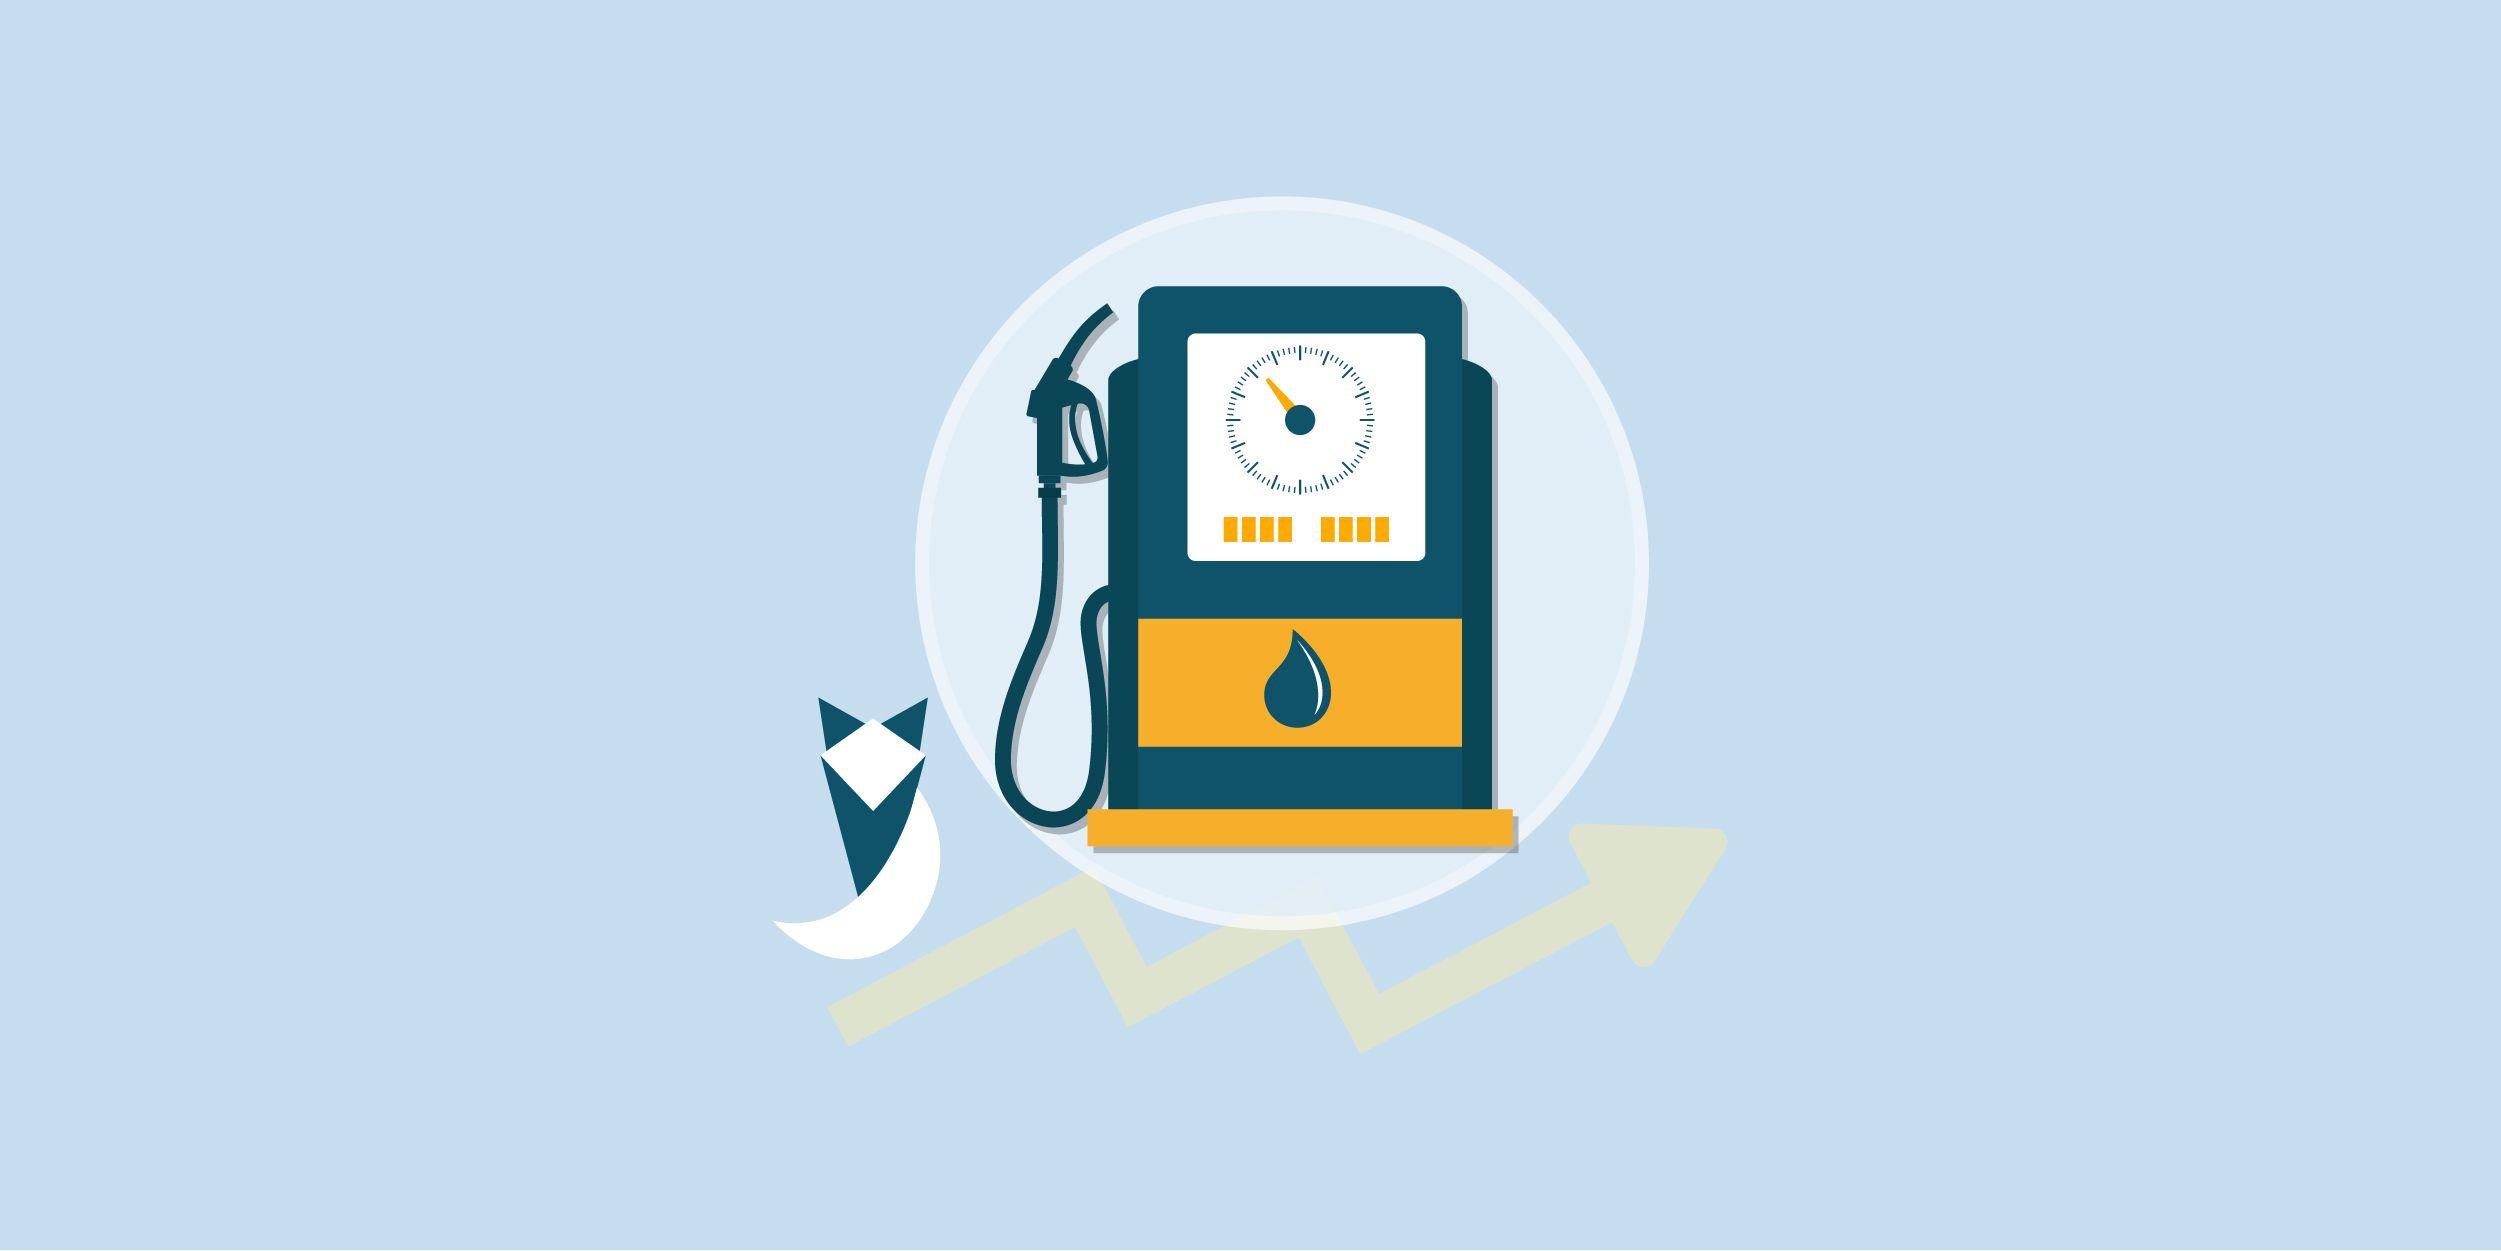 زيادة طفيفة فى أسعار البنزين في اخر شهر يوليو 2021